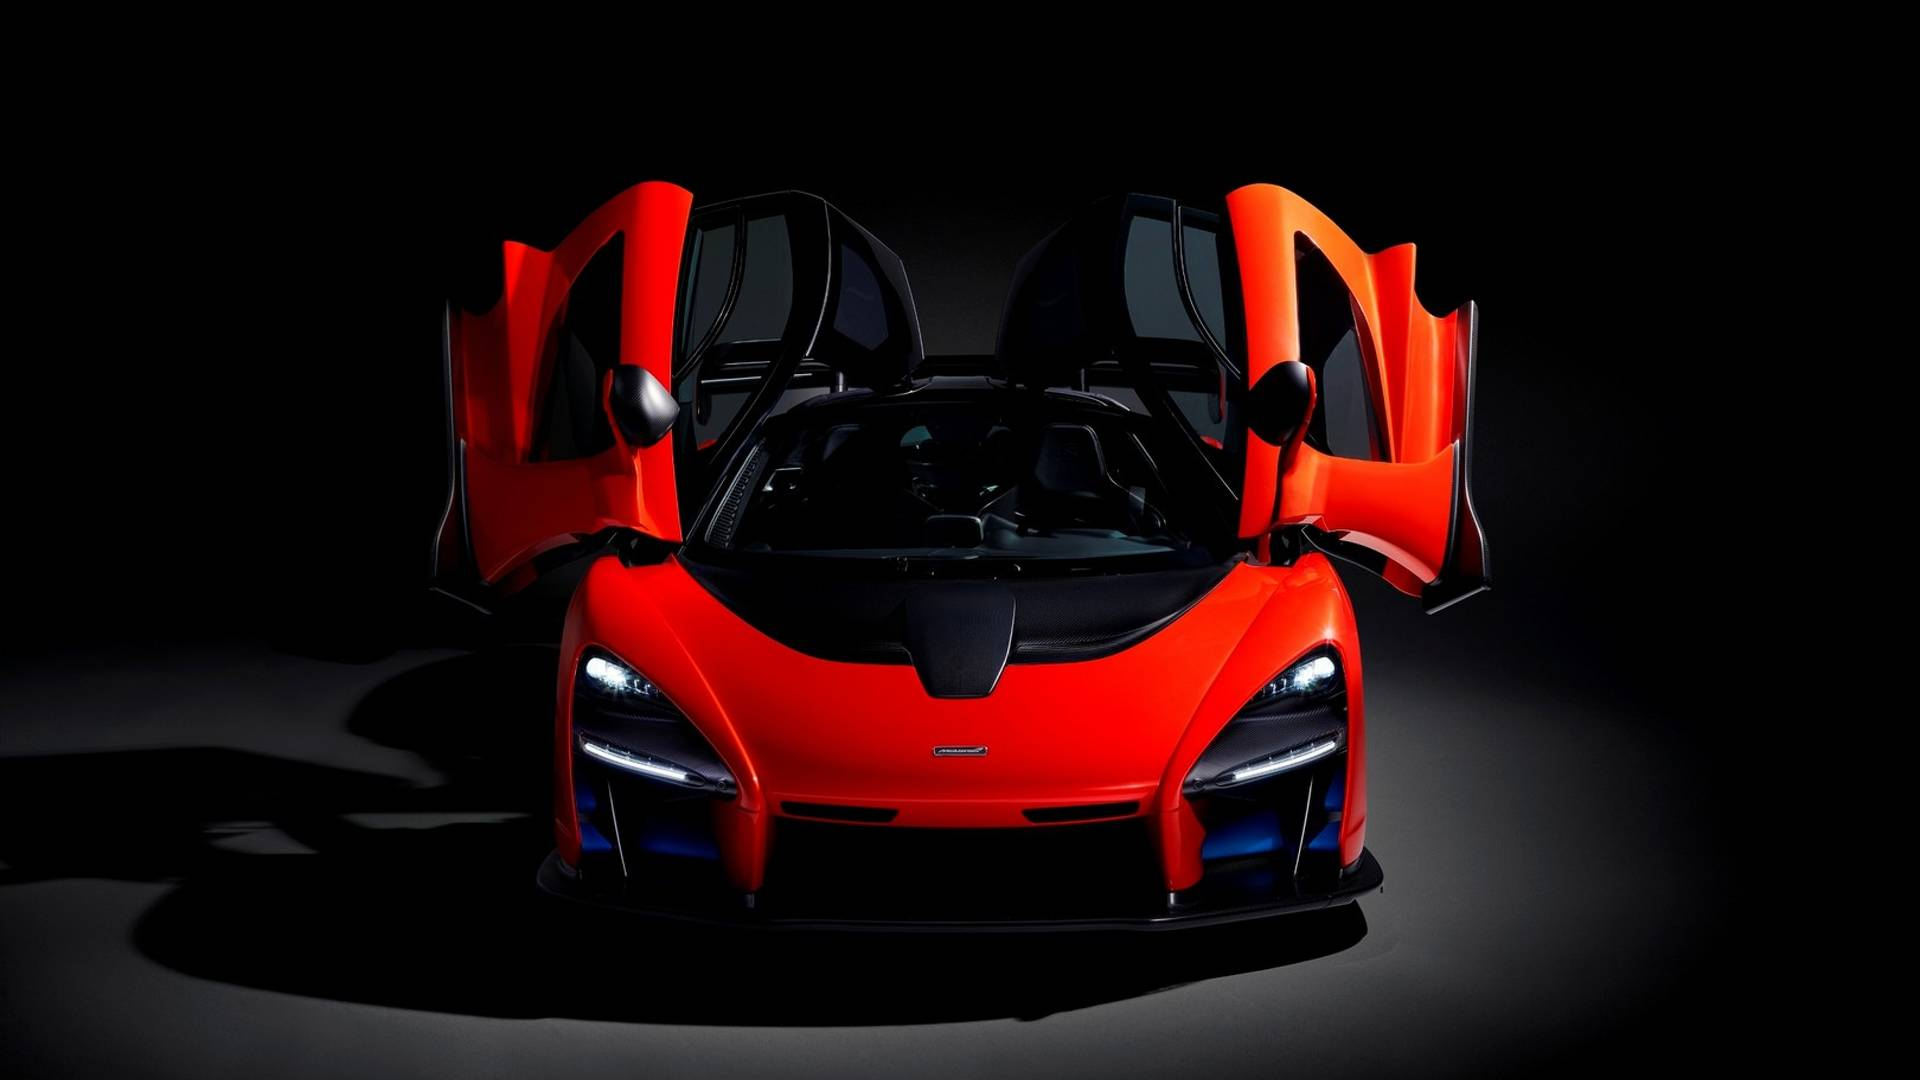 McLaren senna exterior